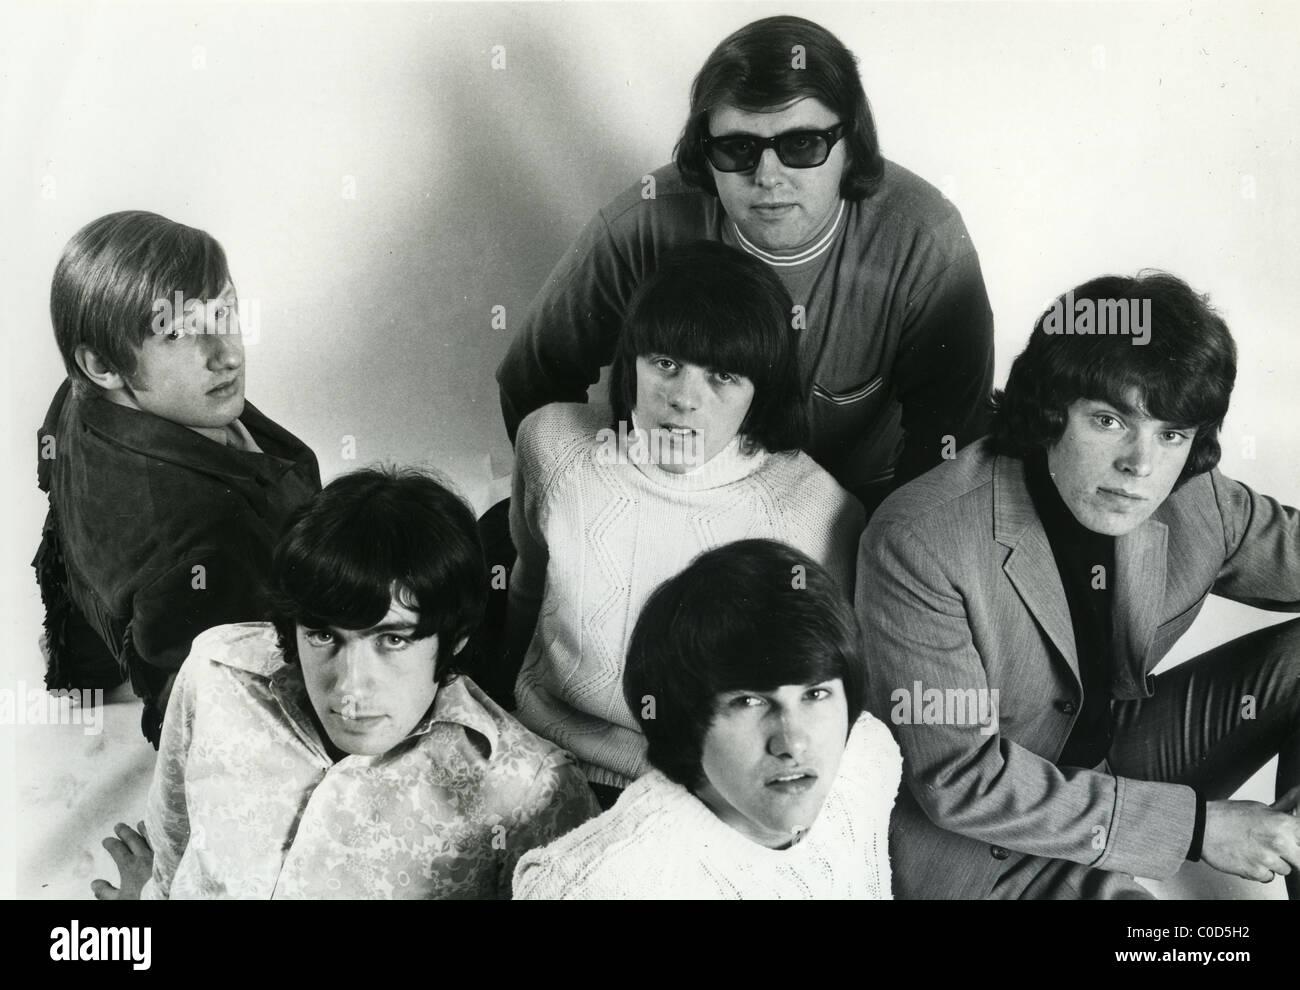 TONY Rivers y los náufragos foto promocional de 60s grupo de pop británico Imagen De Stock